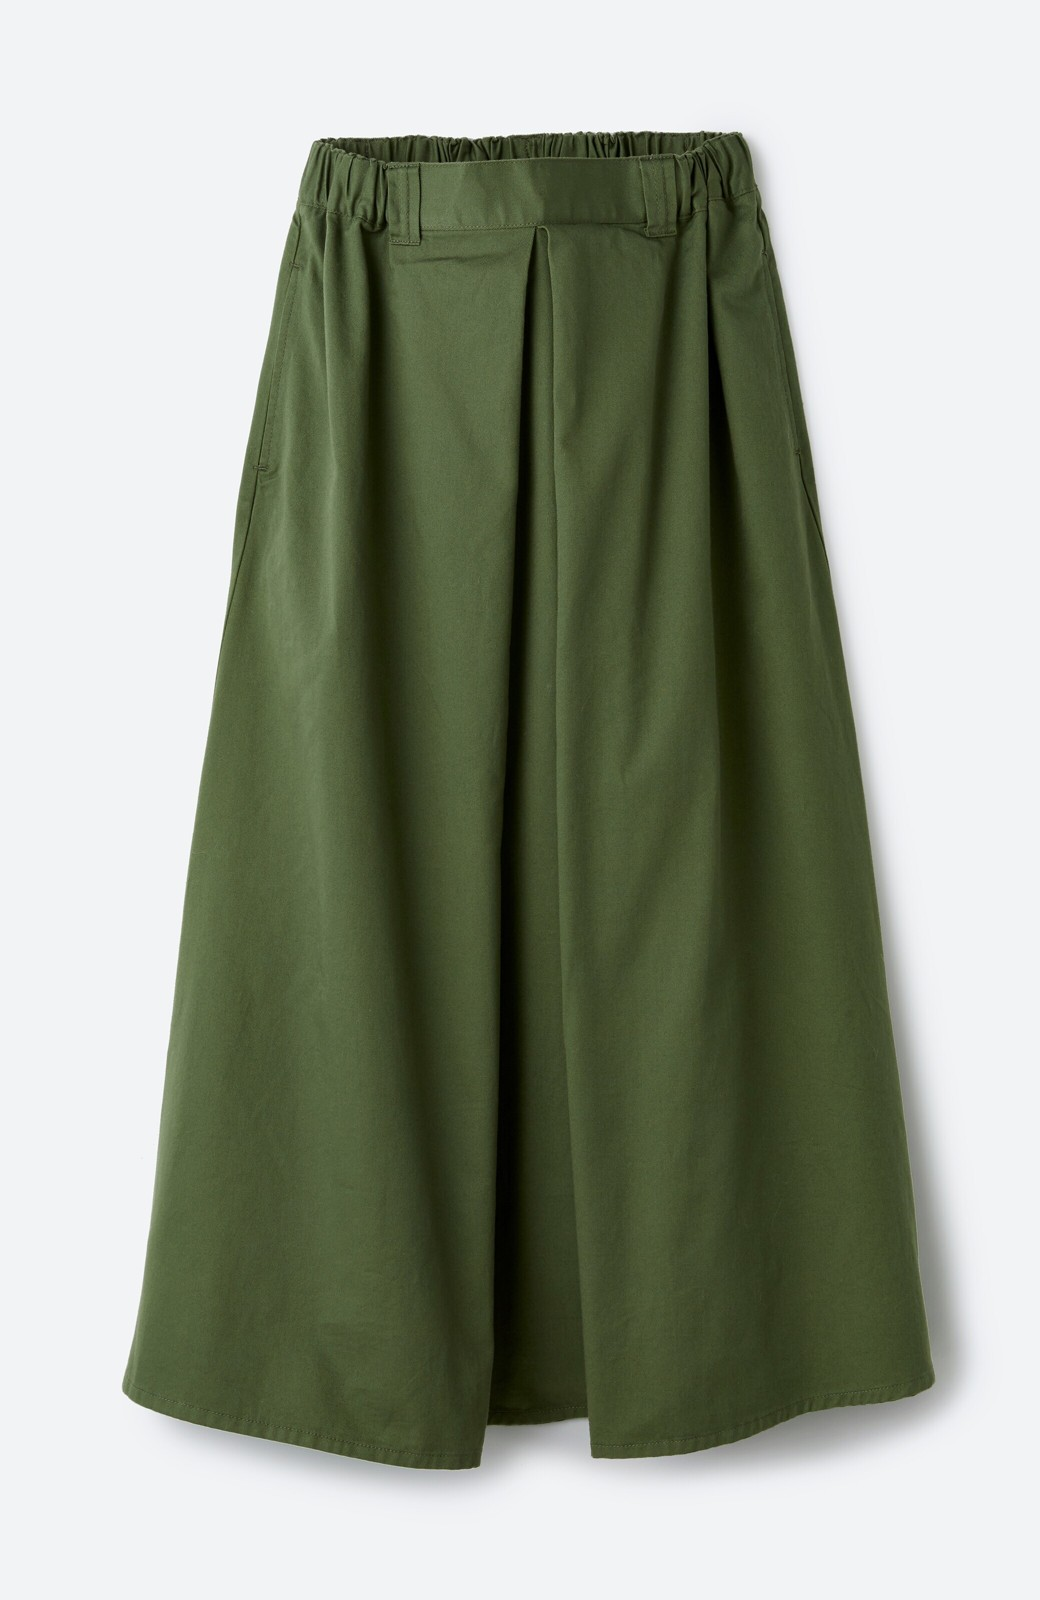 haco! ロングシーズン楽しめる タックボリュームのチノロングスカート <カーキ>の商品写真2